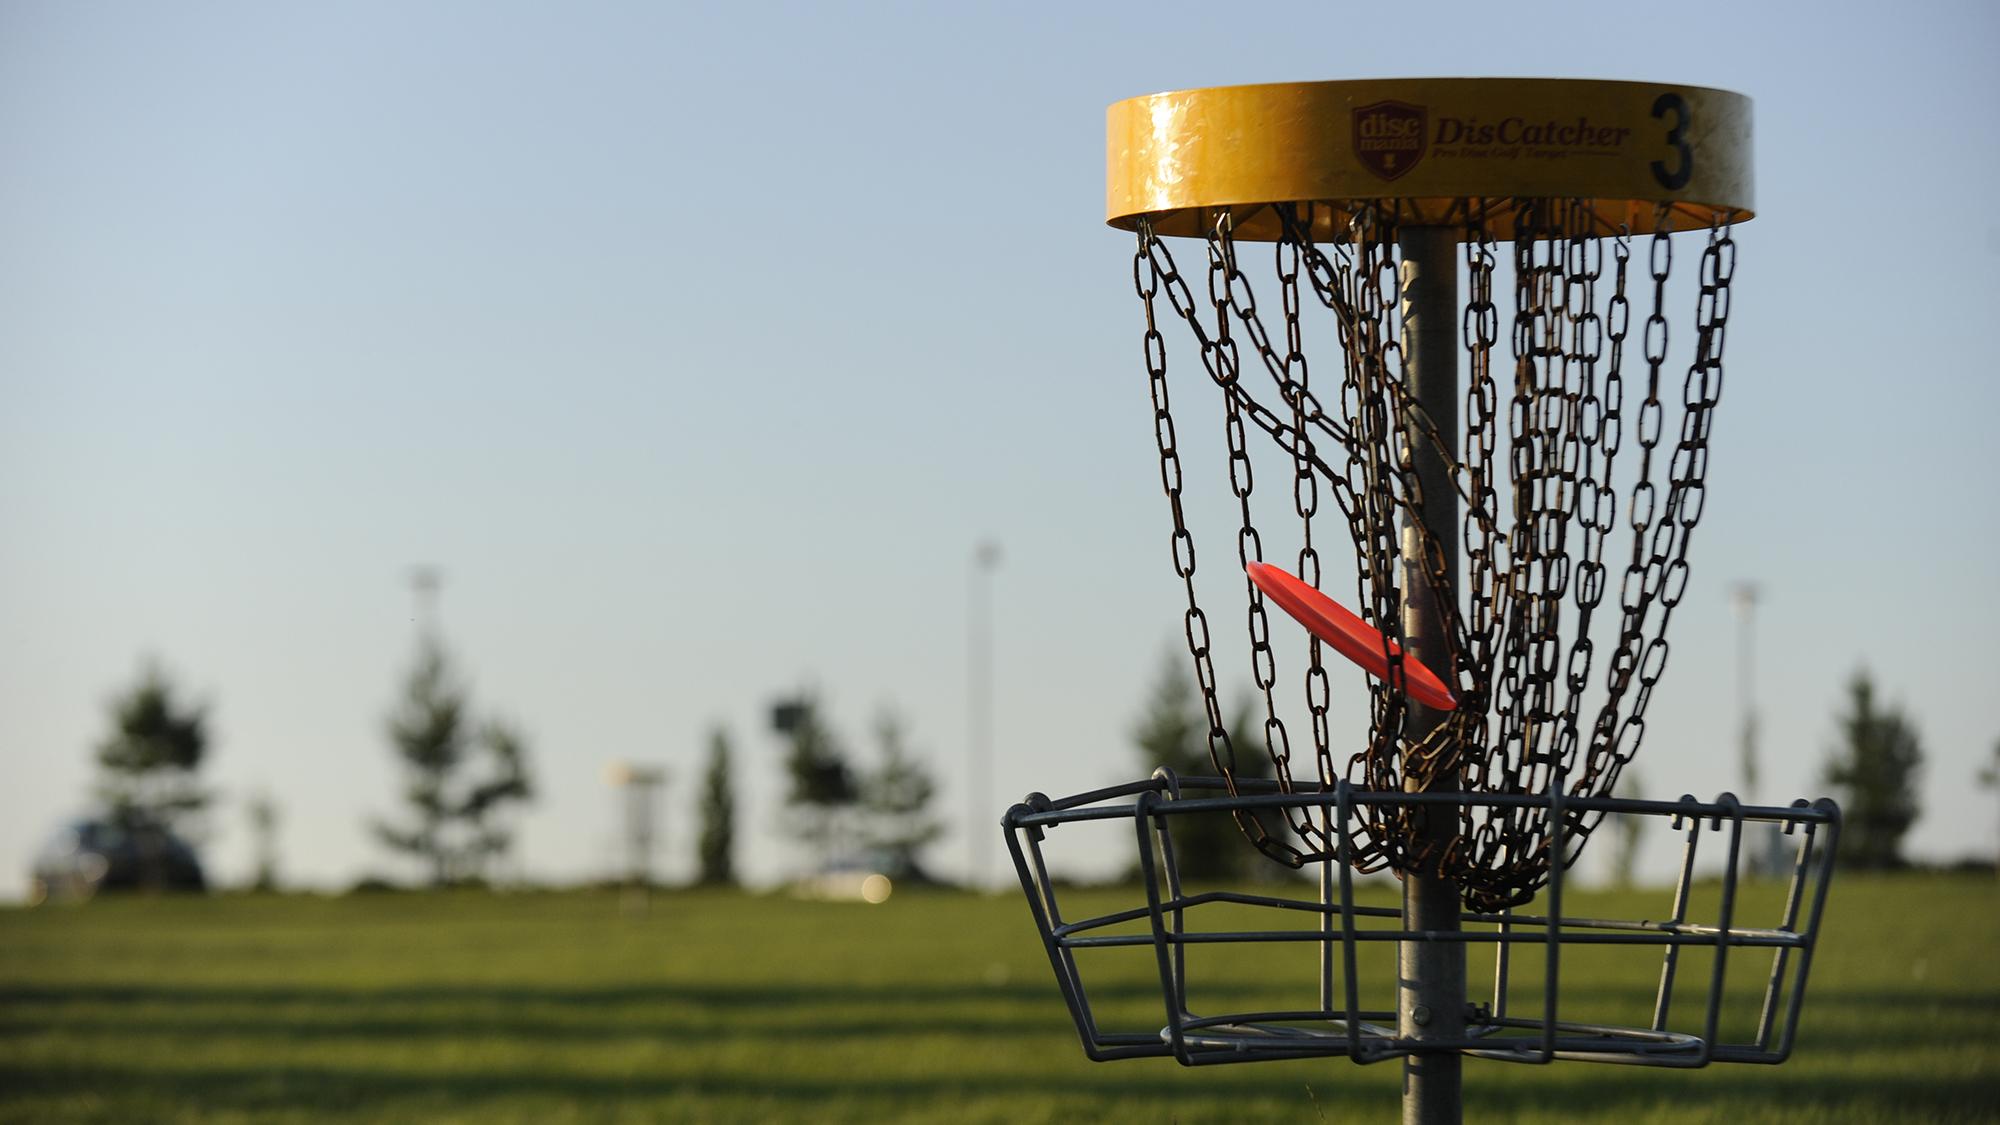 Frisbeegolfkori lähietäisyydeltä kuvattuna. Keltaisella reunalla varustetun korin ketjuihin on juuri lentänyt punainen frisbee.